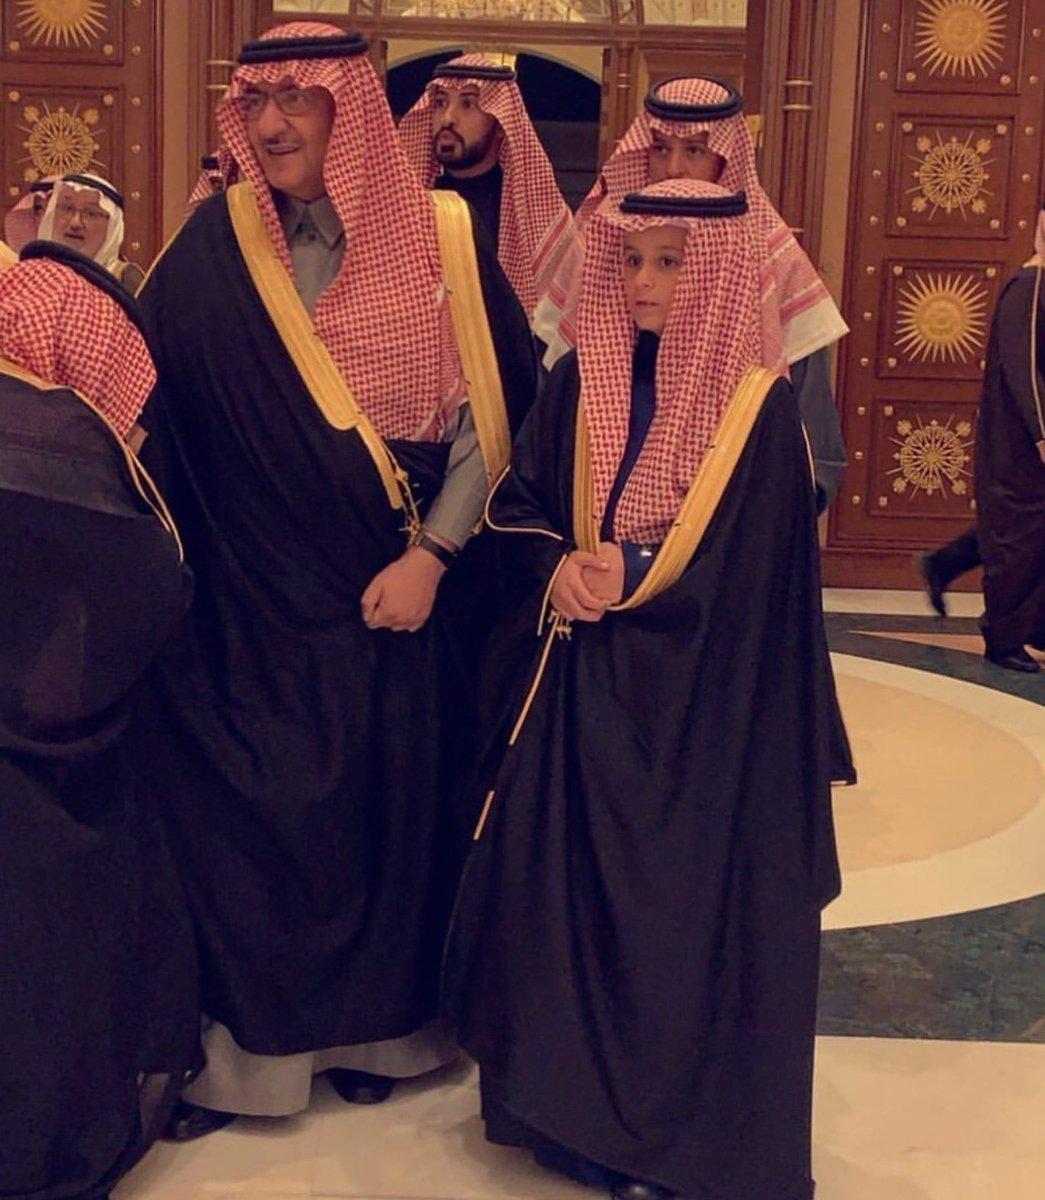 محمد بن سعود بن نايف بن عبدالعزيز